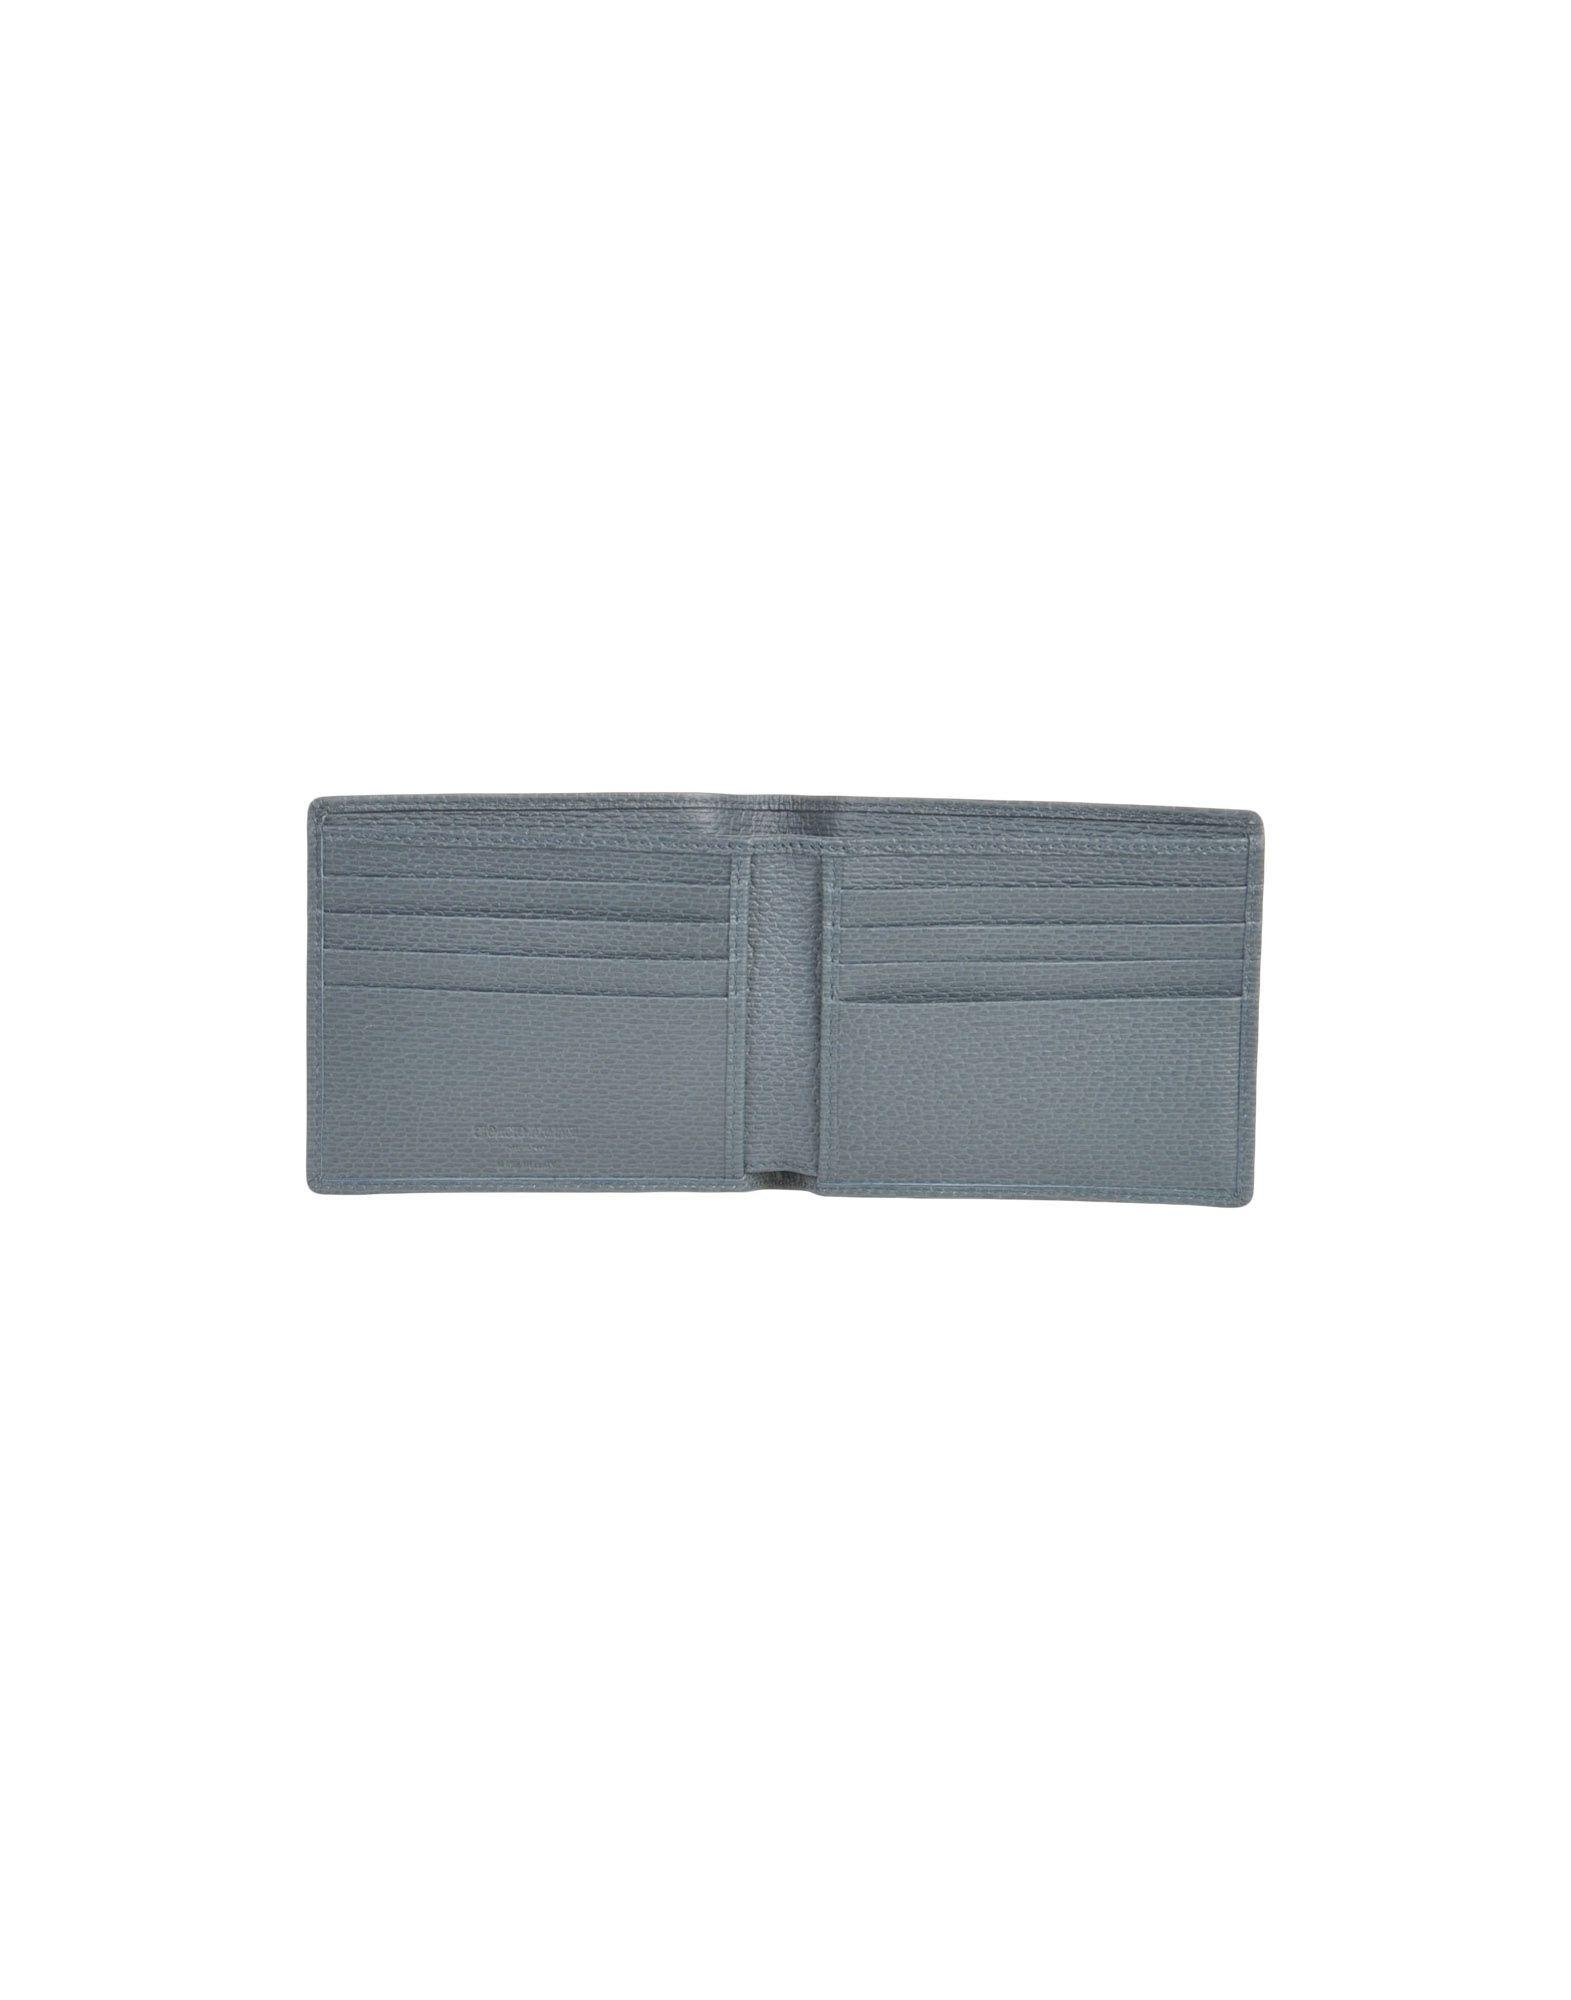 Giorgio Armani Textured Leather Wallet